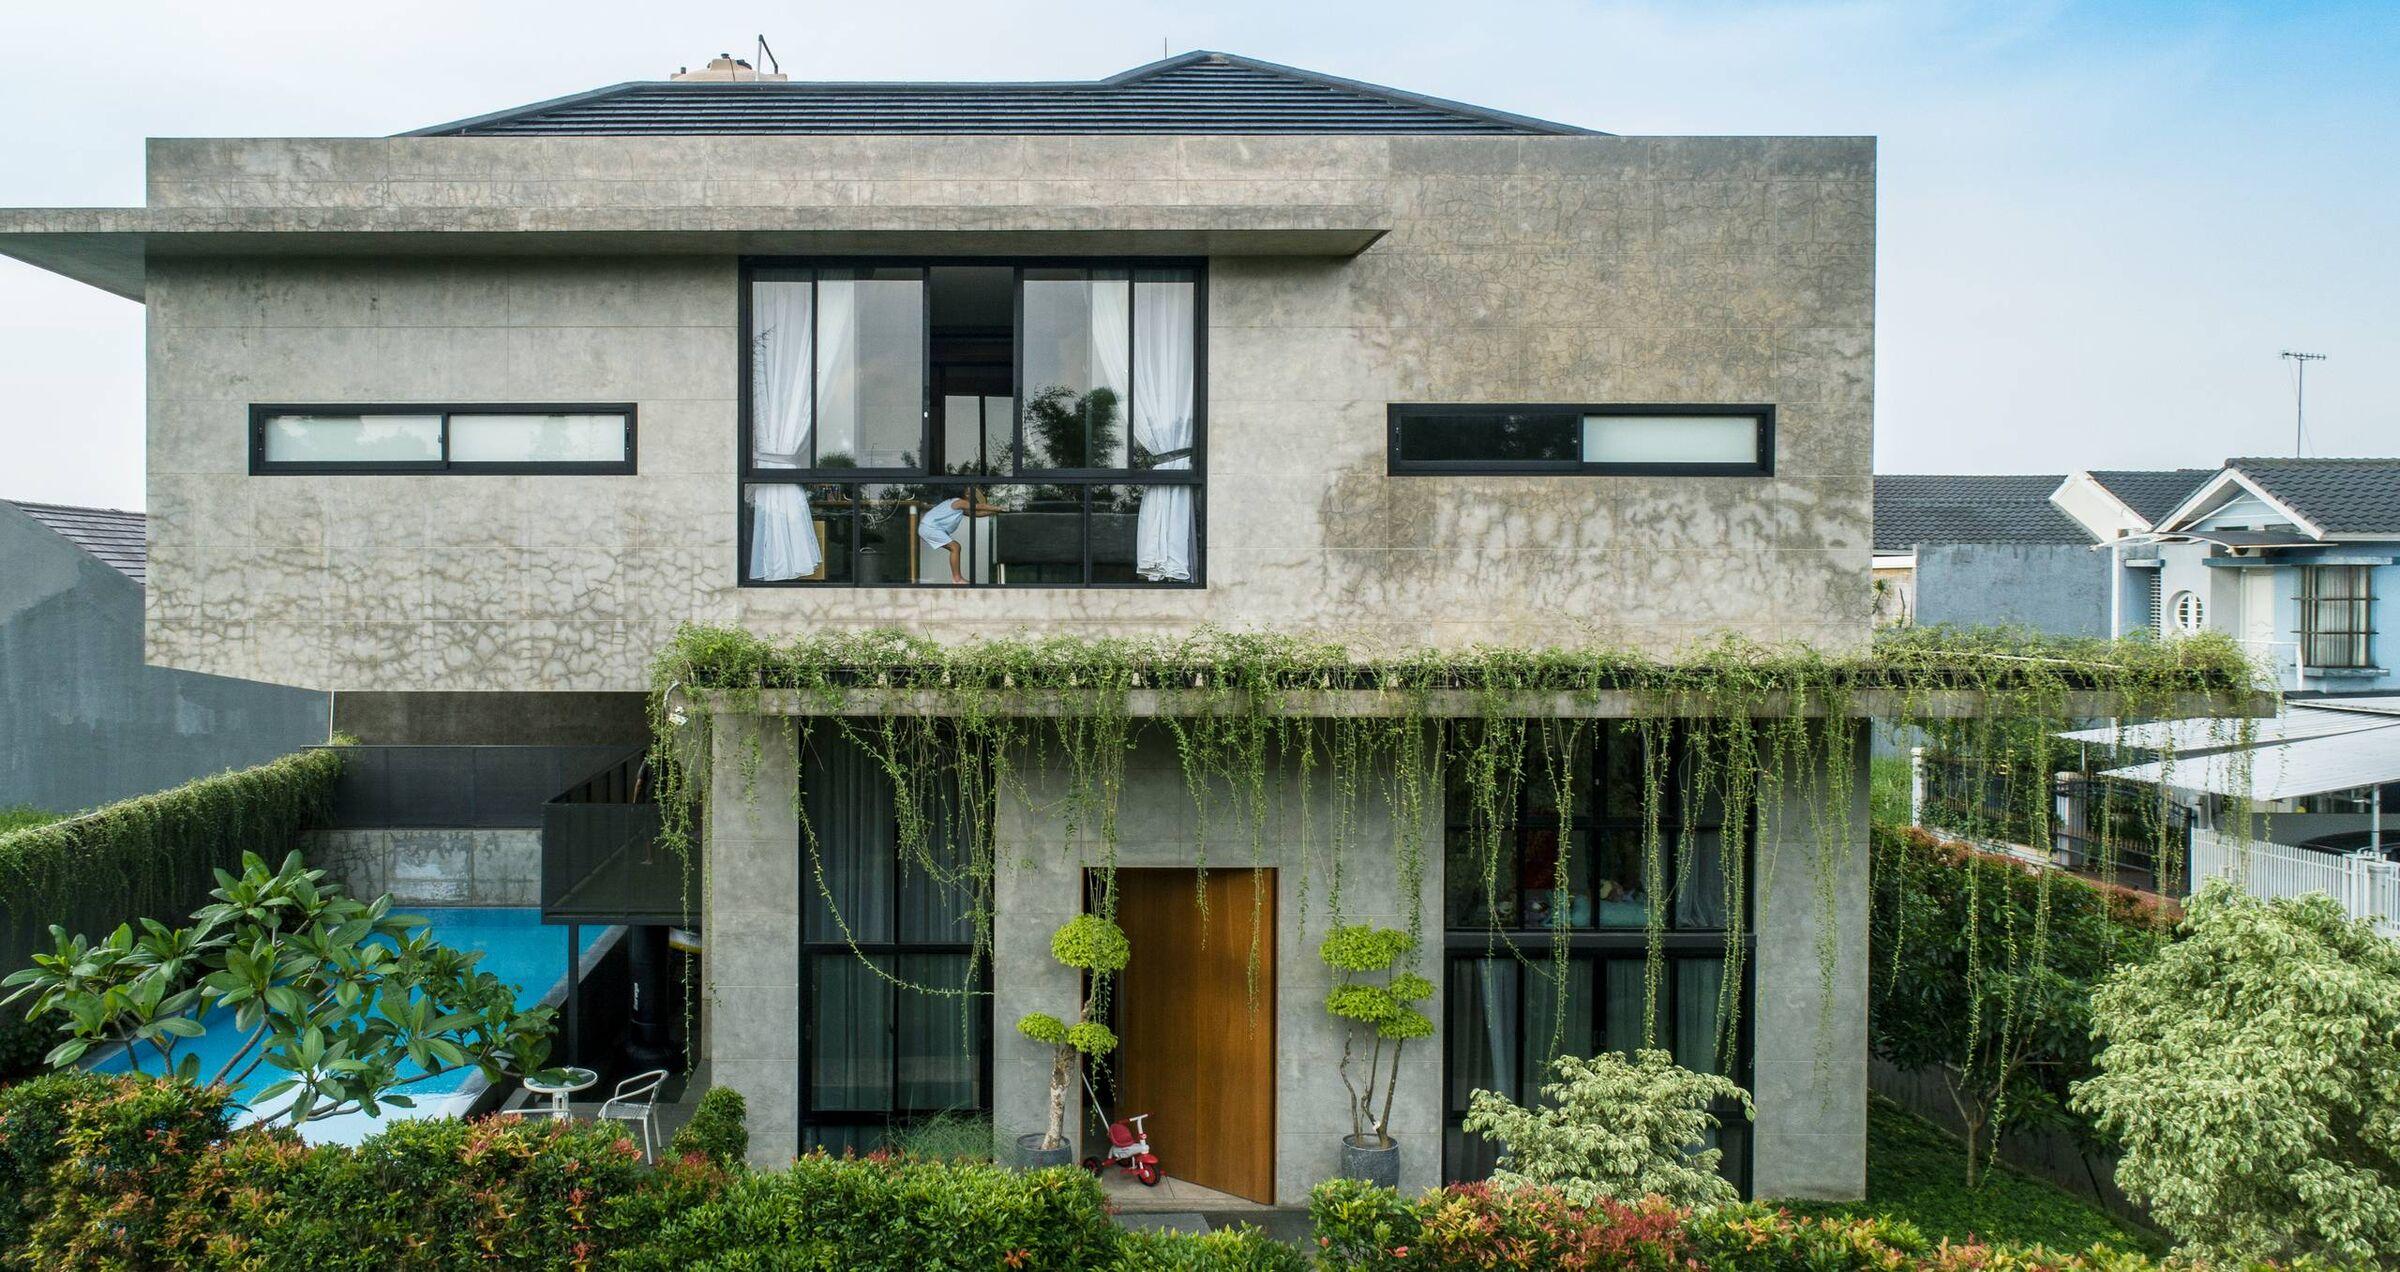 cac mau nha biet thu co san vuon dep nhat the gioi 4 50+ mẫu nhà biệt thự có sân vườn xanh mát mê mọi góc cạnh của thế giới